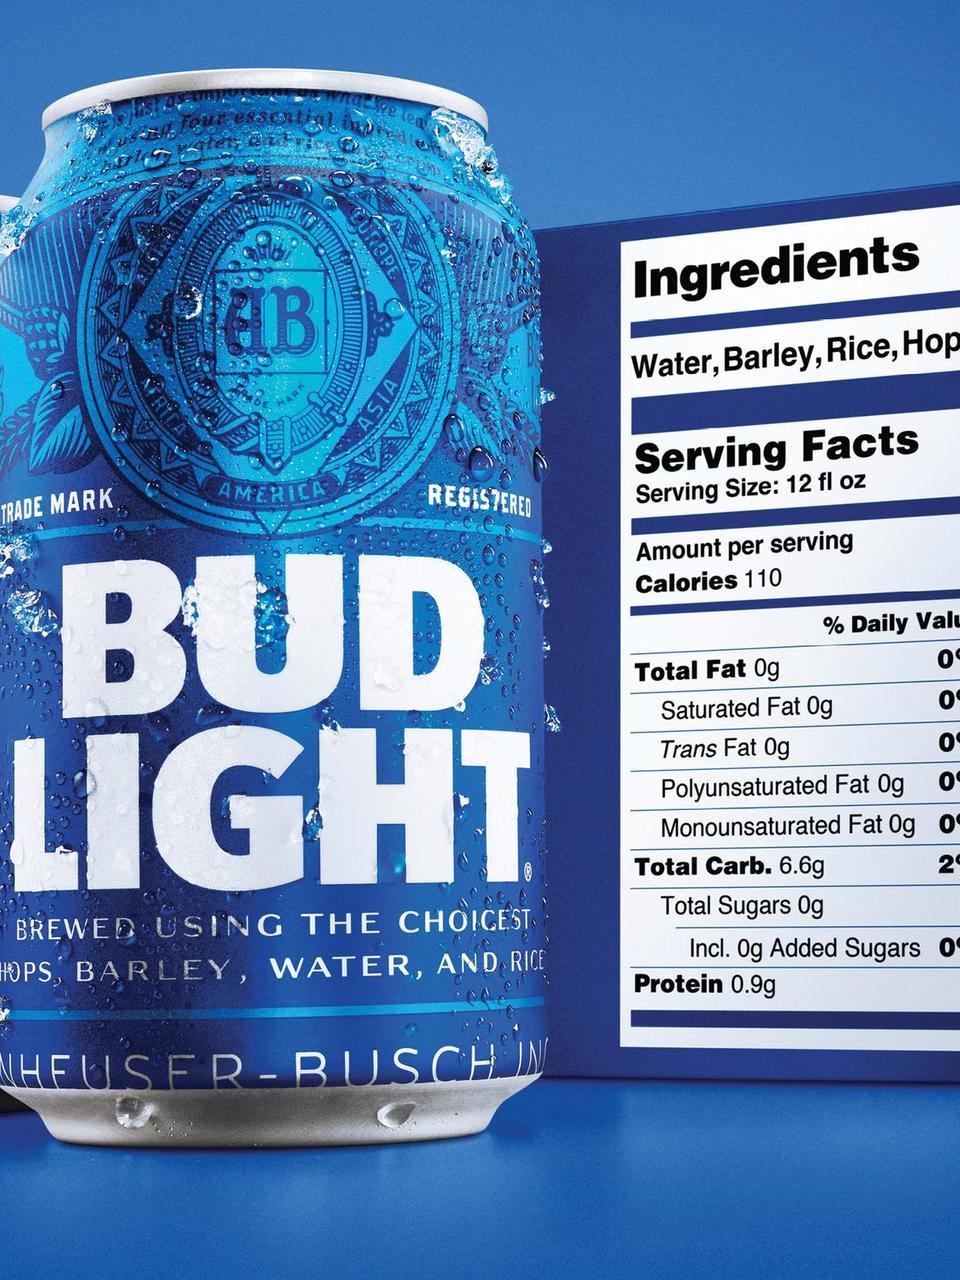 Bud Light debuts bigger nutrition